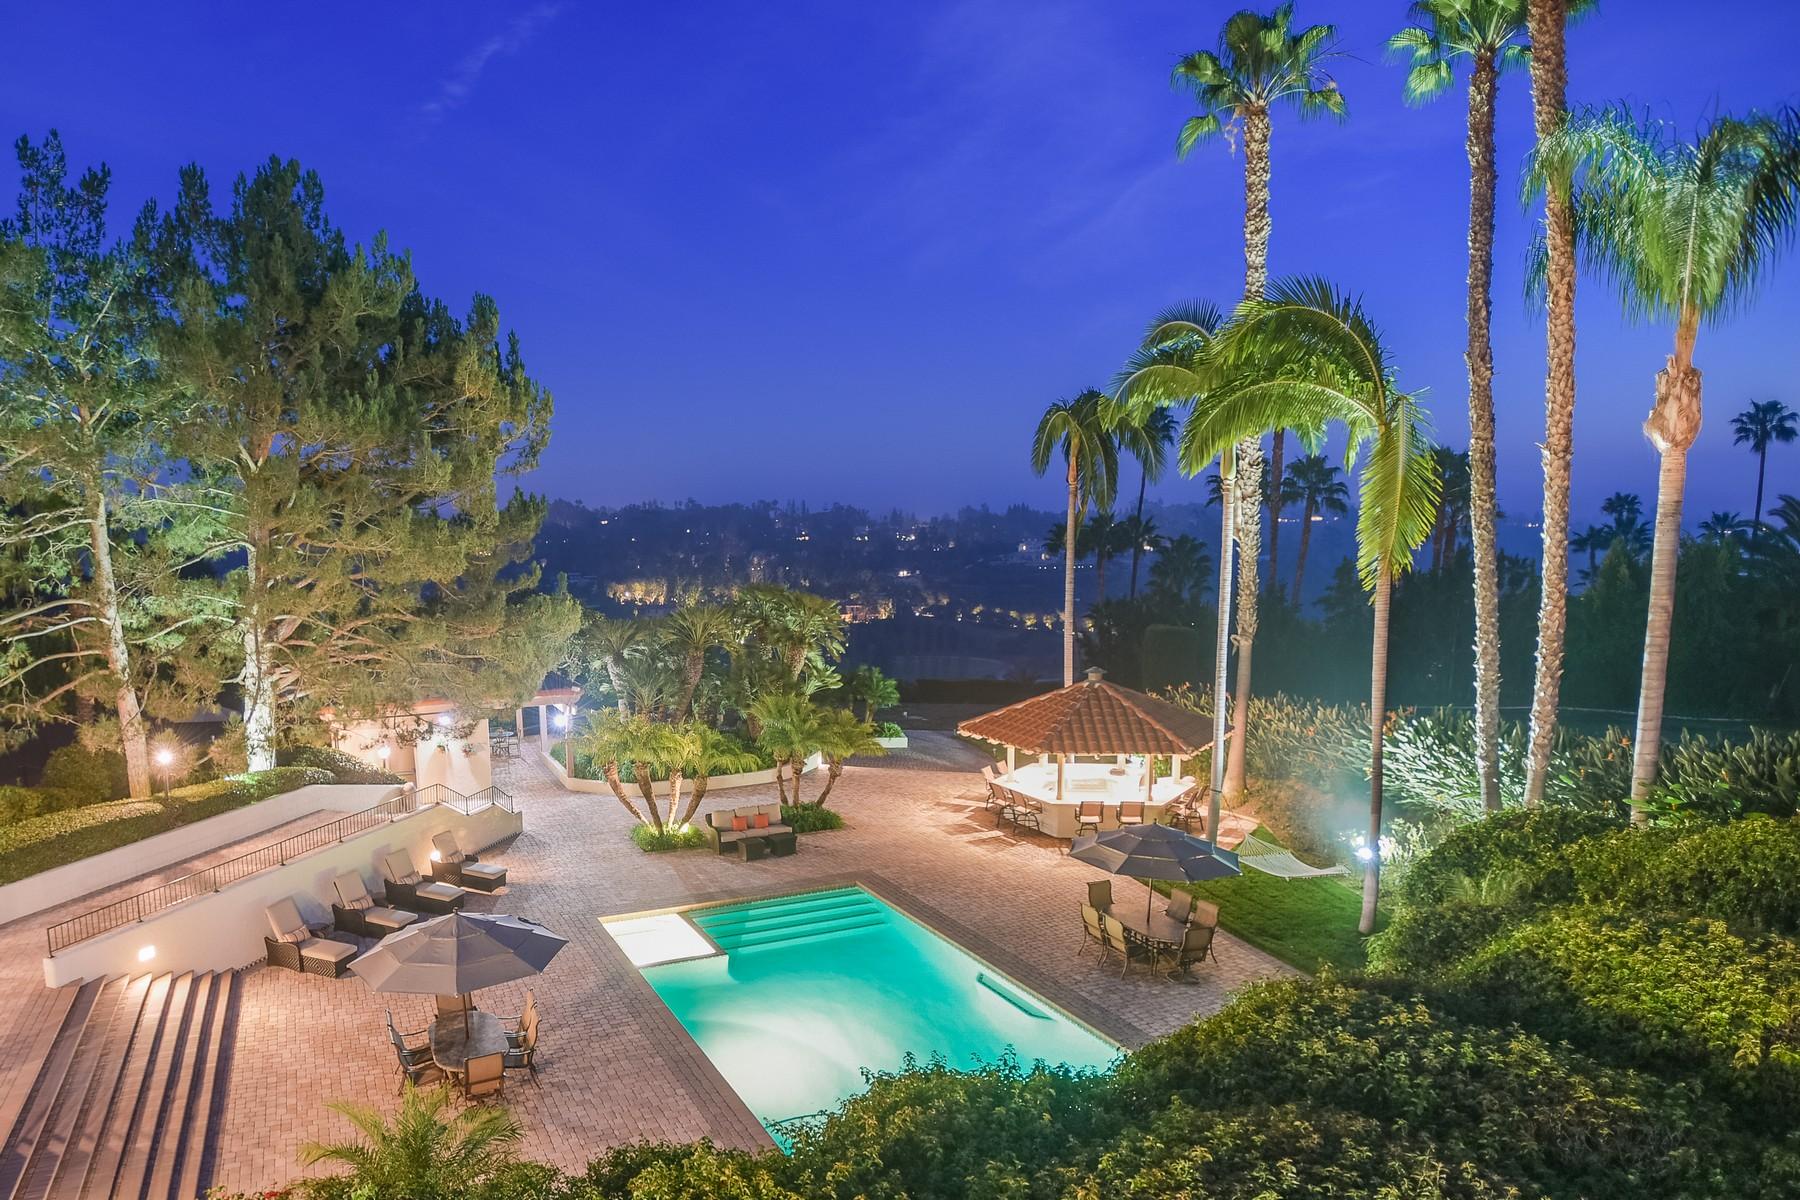 一戸建て のために 売買 アット 6849 Las Colinas Rancho Santa Fe, カリフォルニア, 92067 アメリカ合衆国